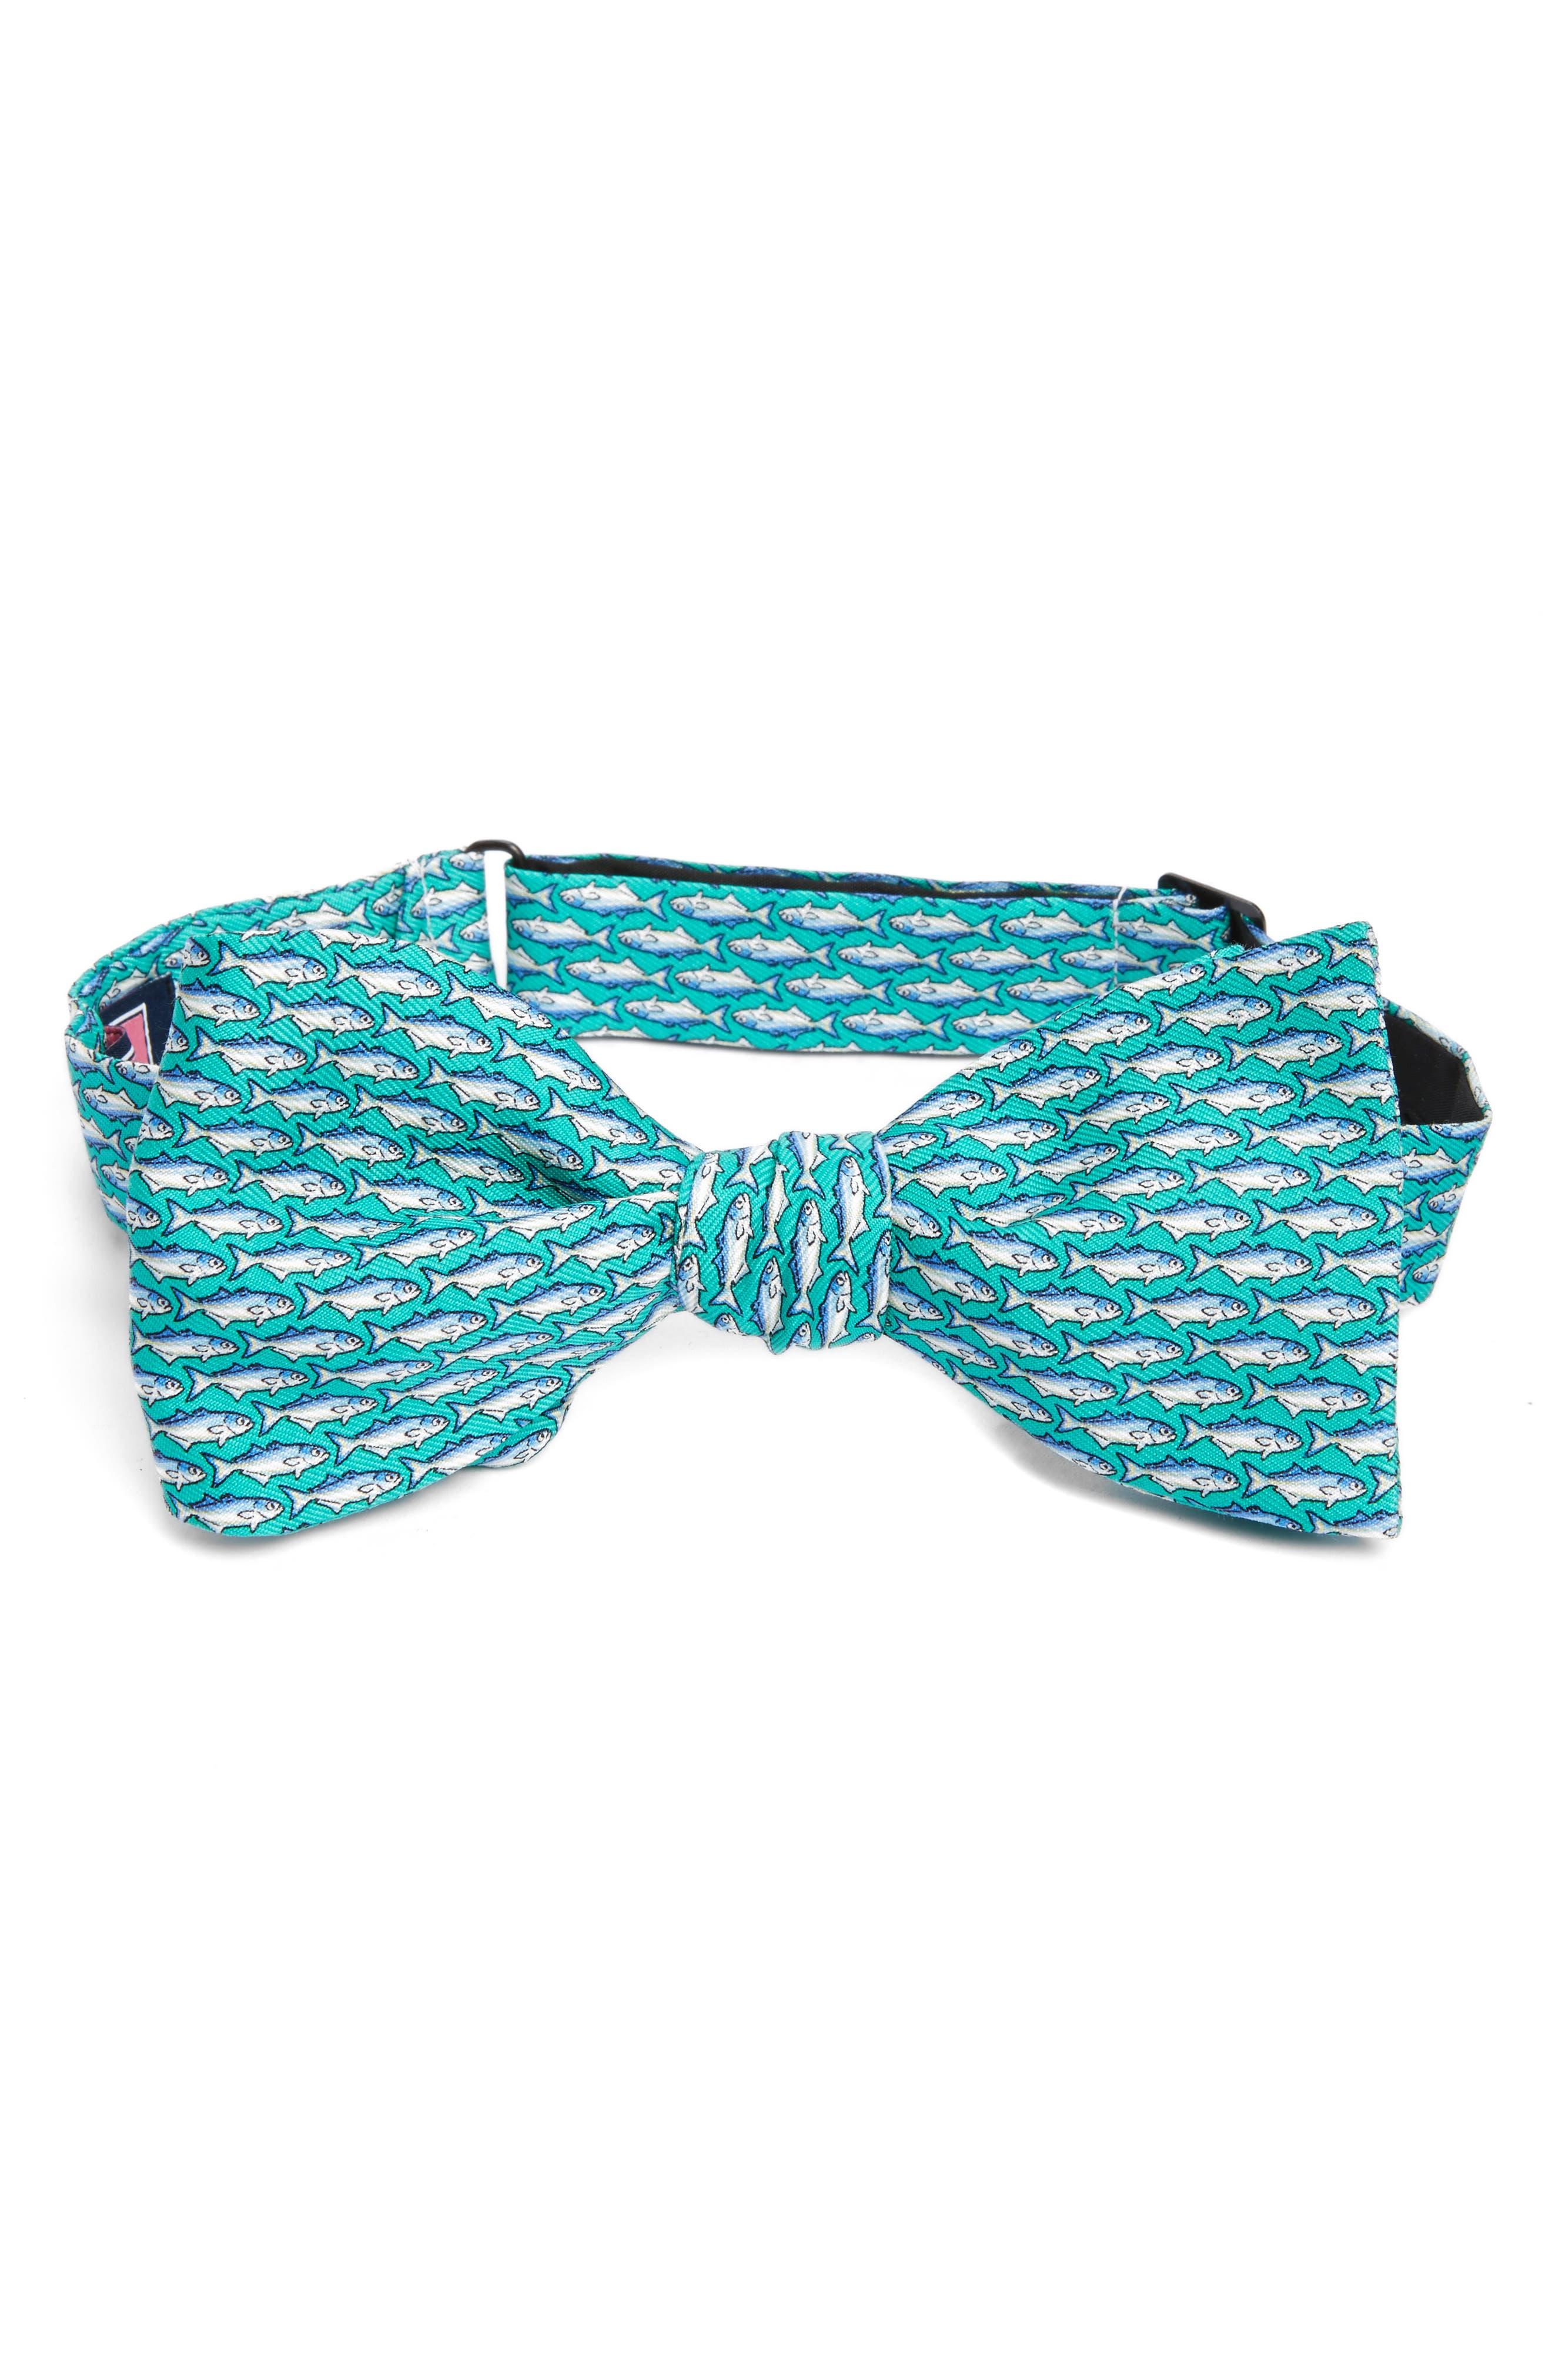 Blue Fish Print Silk Bow Tie,                         Main,                         color, Aqua